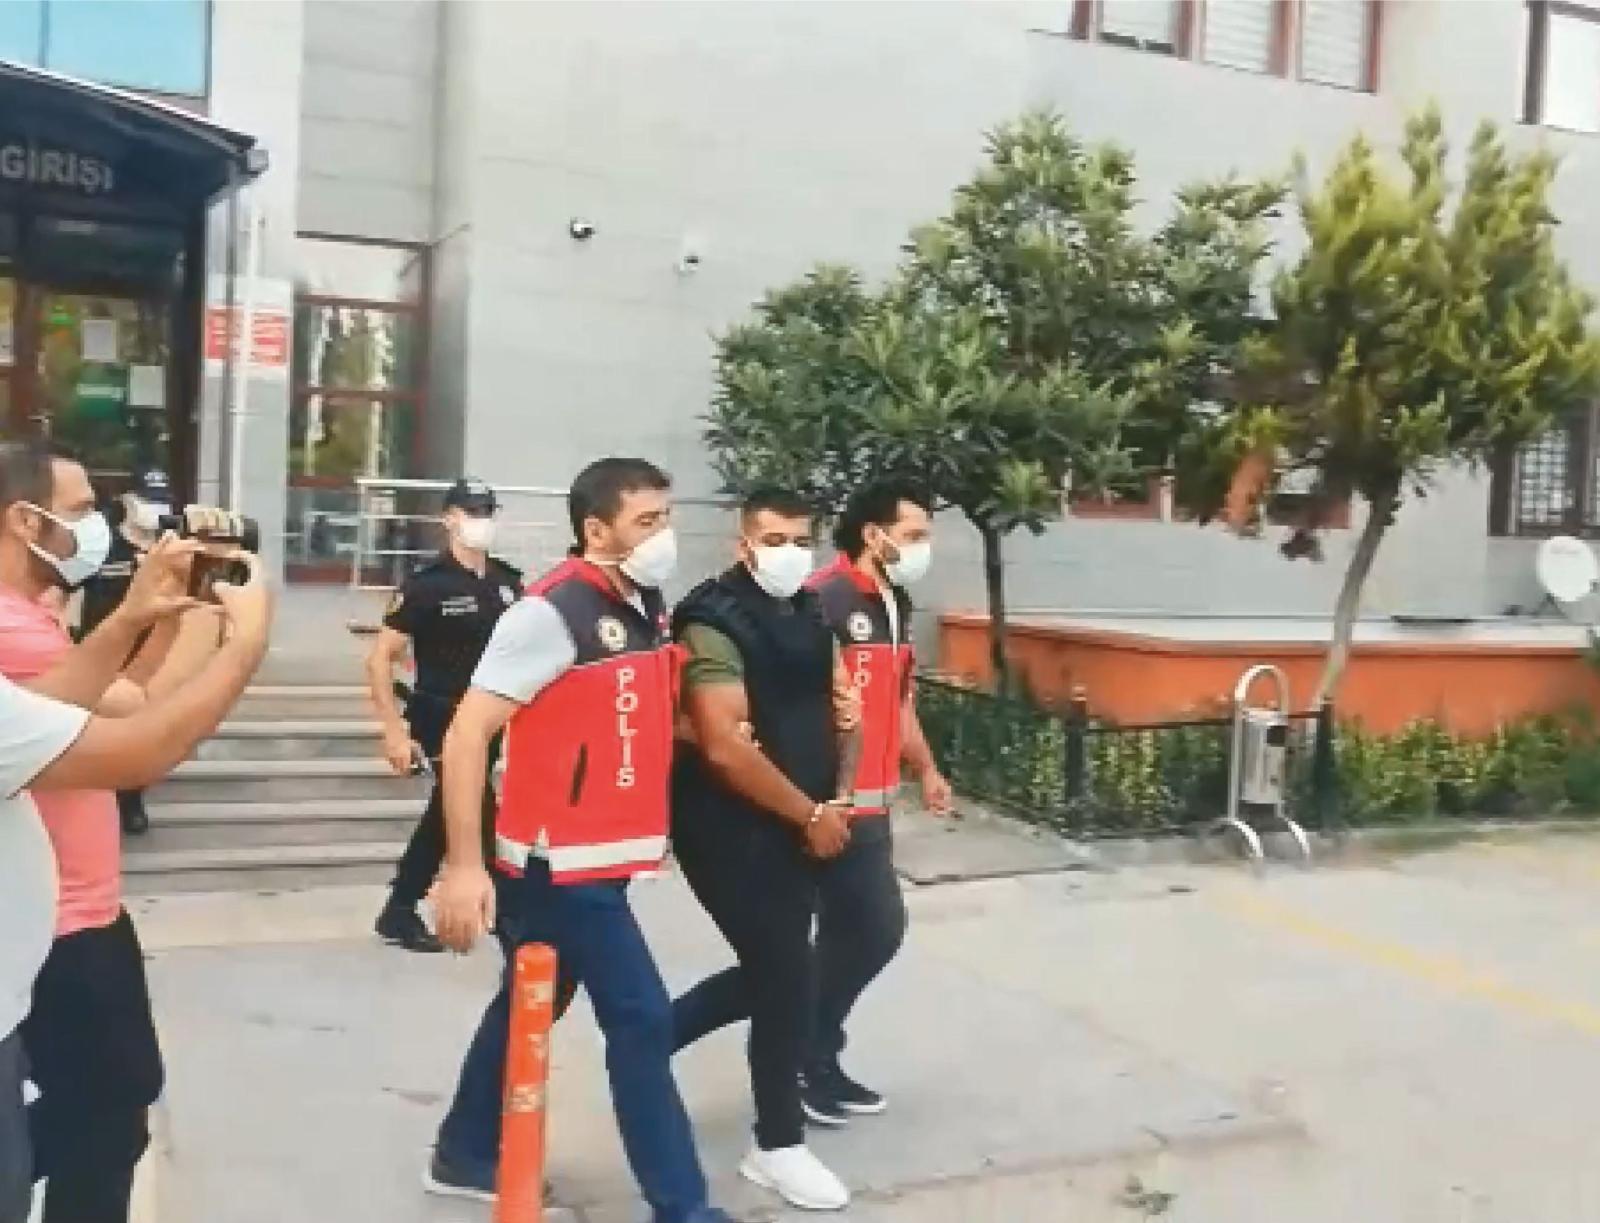 Sünnet Düğününde 2 Kişiyi Öldüren, 8 Kişiyi Yaralayan Şahıs Tutuklandı